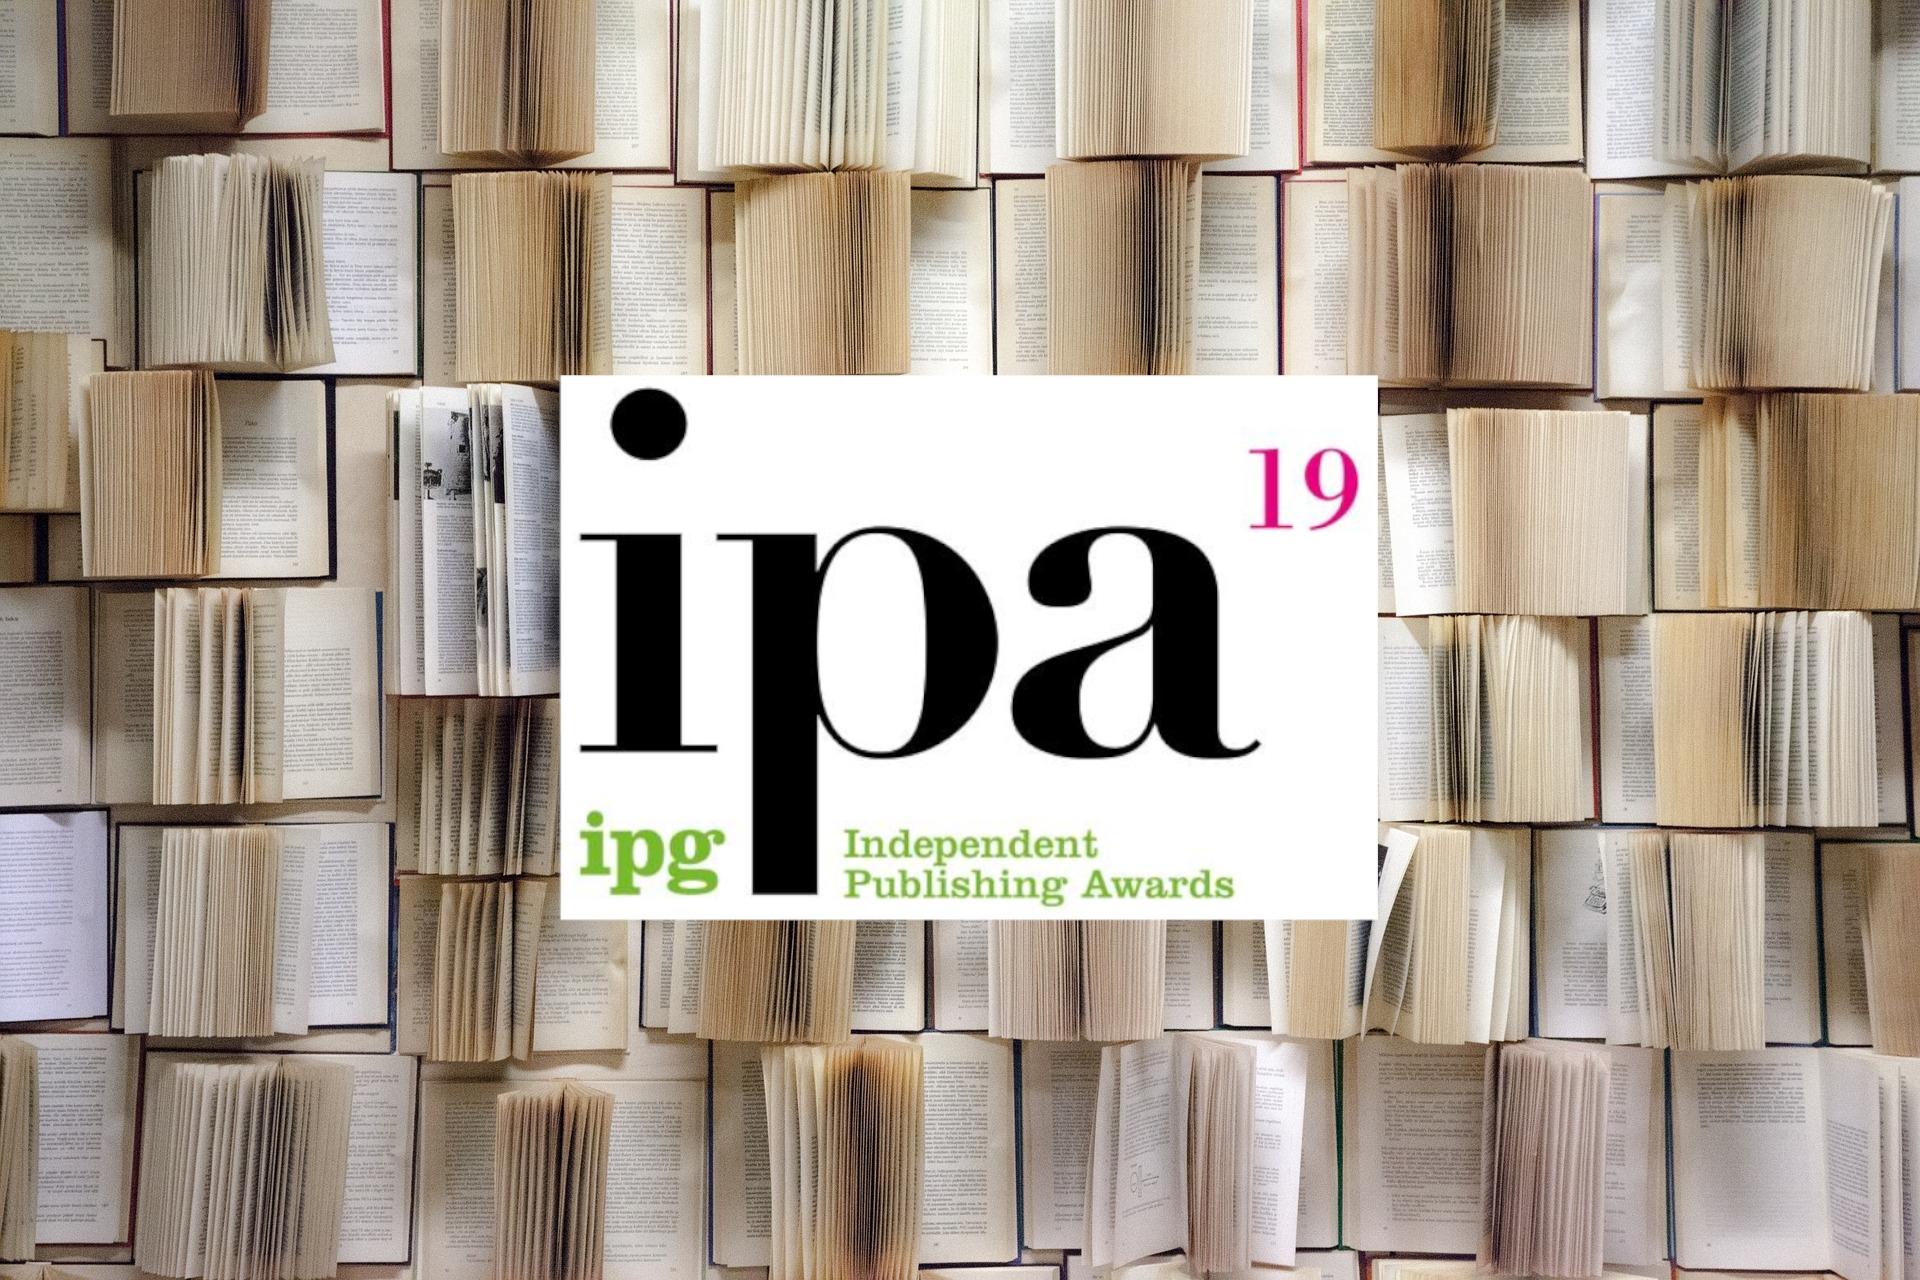 IPG'S 2019 Independent Publishing Awards